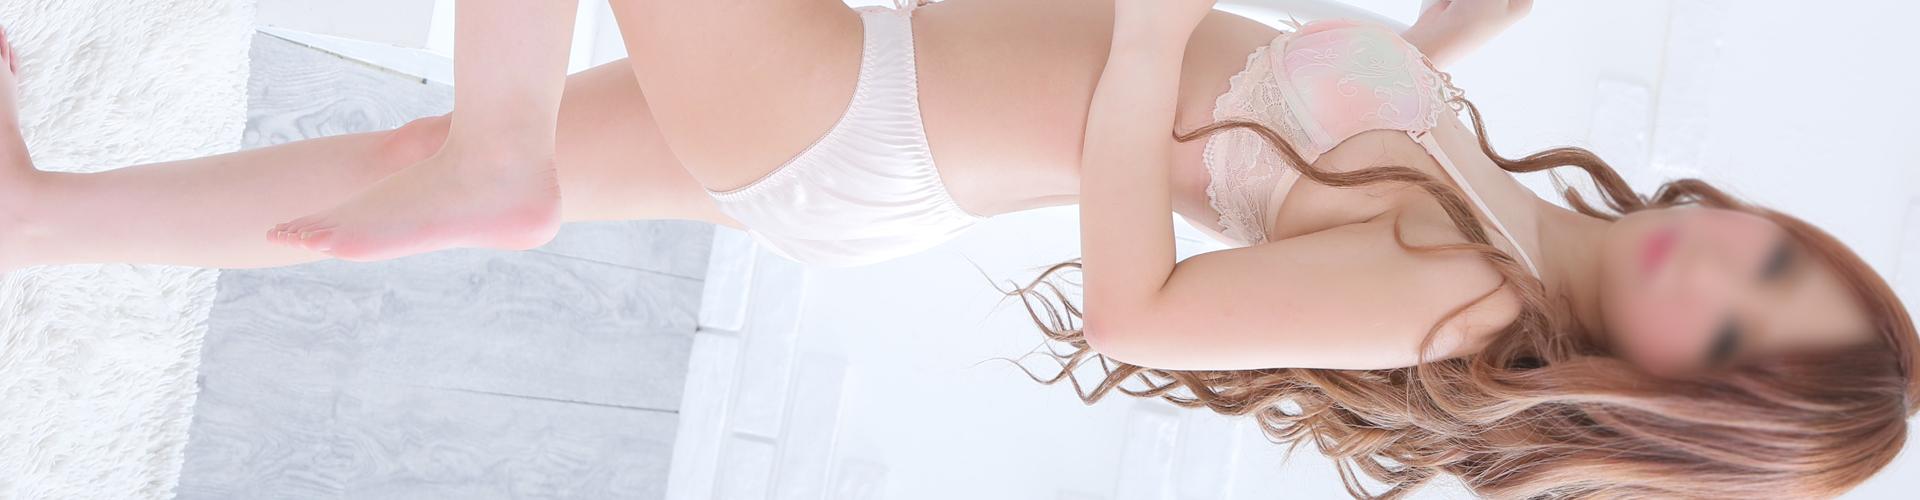 錦糸町デリヘル風俗|錦糸町 小岩 デリバリーヘルス【キャンパスサミット錦糸町店】モデルほのか写真